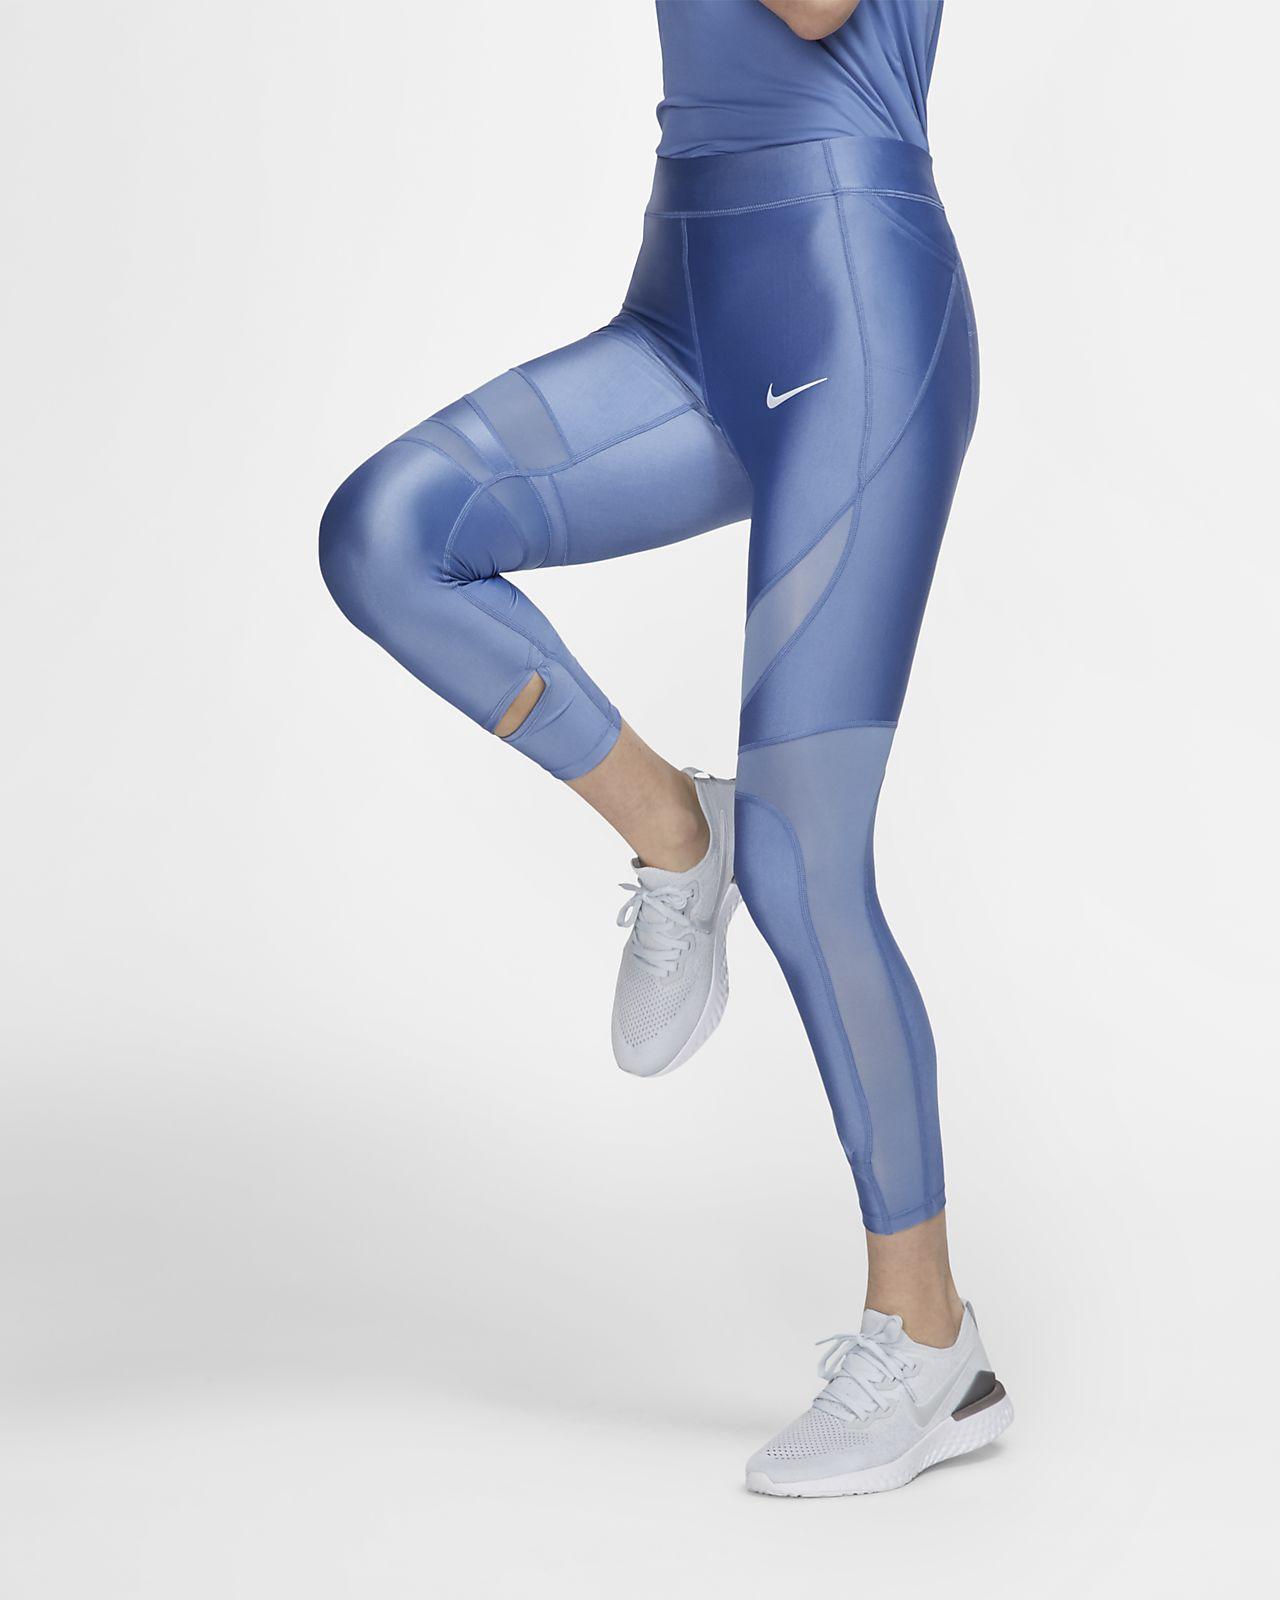 13dedd6f8d4d93 Nike Power Speed Women's 7/8 Running Tights. Nike.com ID